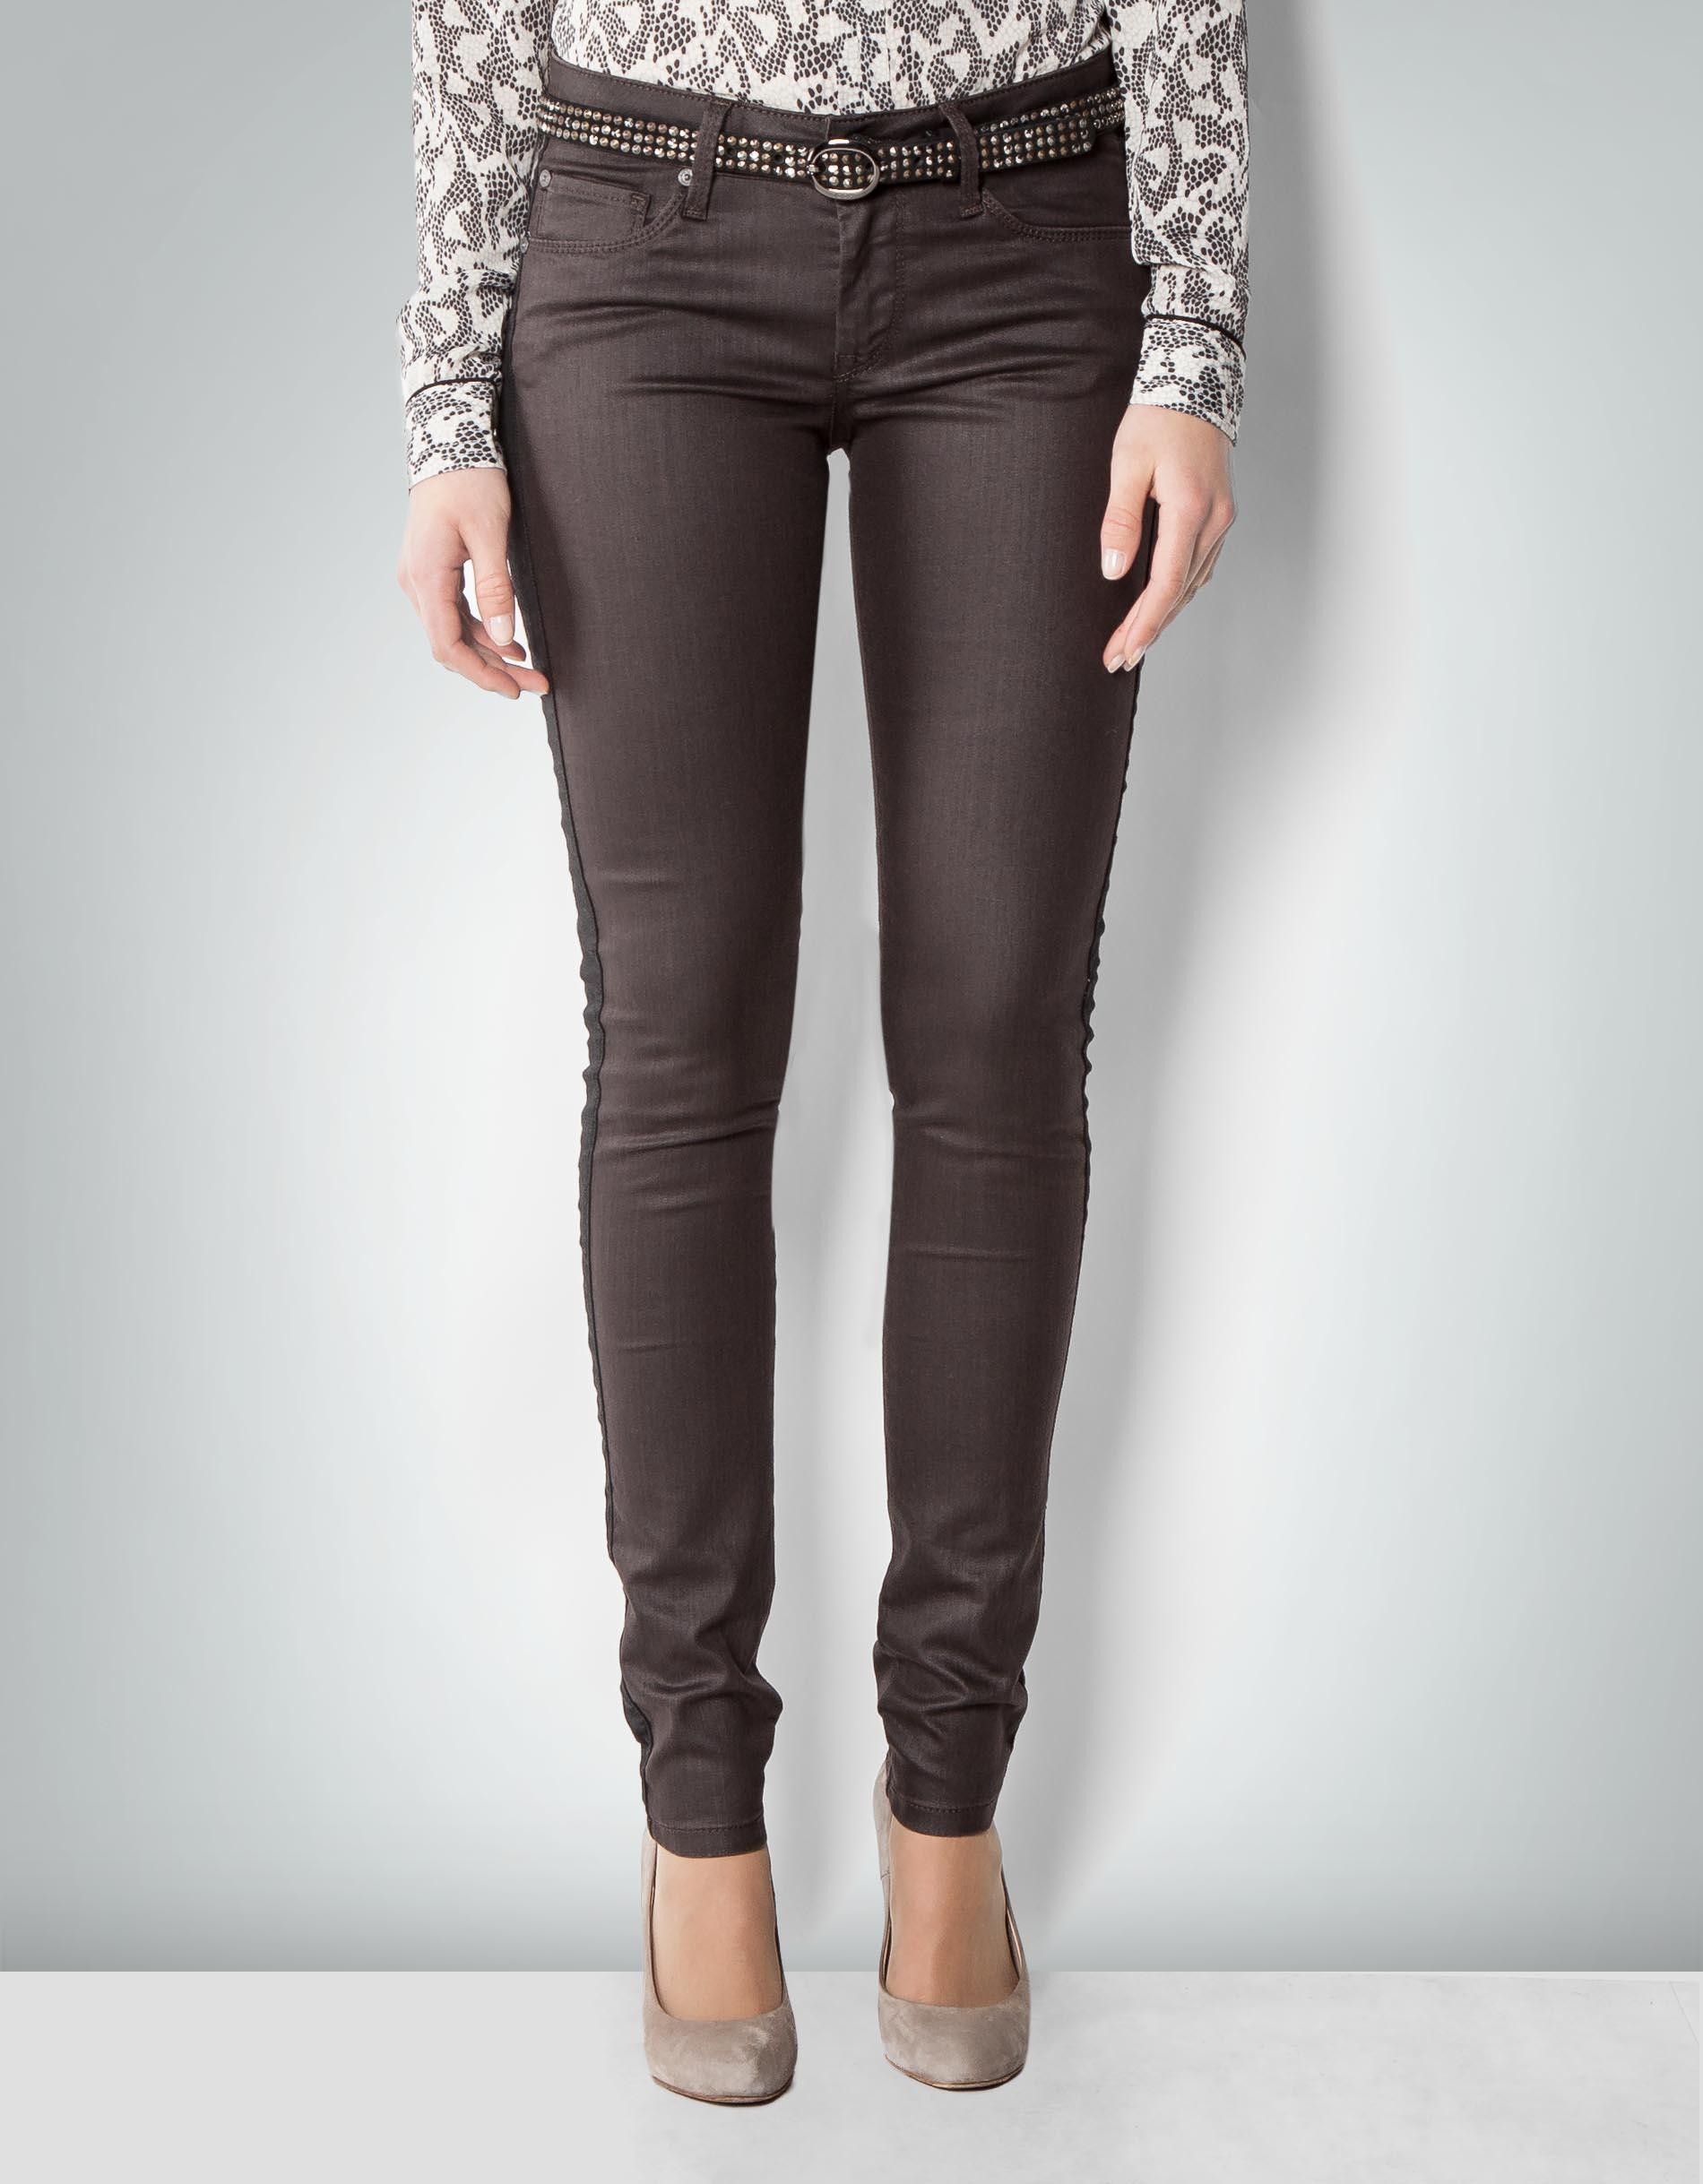 Finden Sie den niedrigsten Preis absolut stilvoll beliebte Geschäfte Pepe Jeans Damen Cher DLX Hose in Slim Fit mit Galonstreifen ...